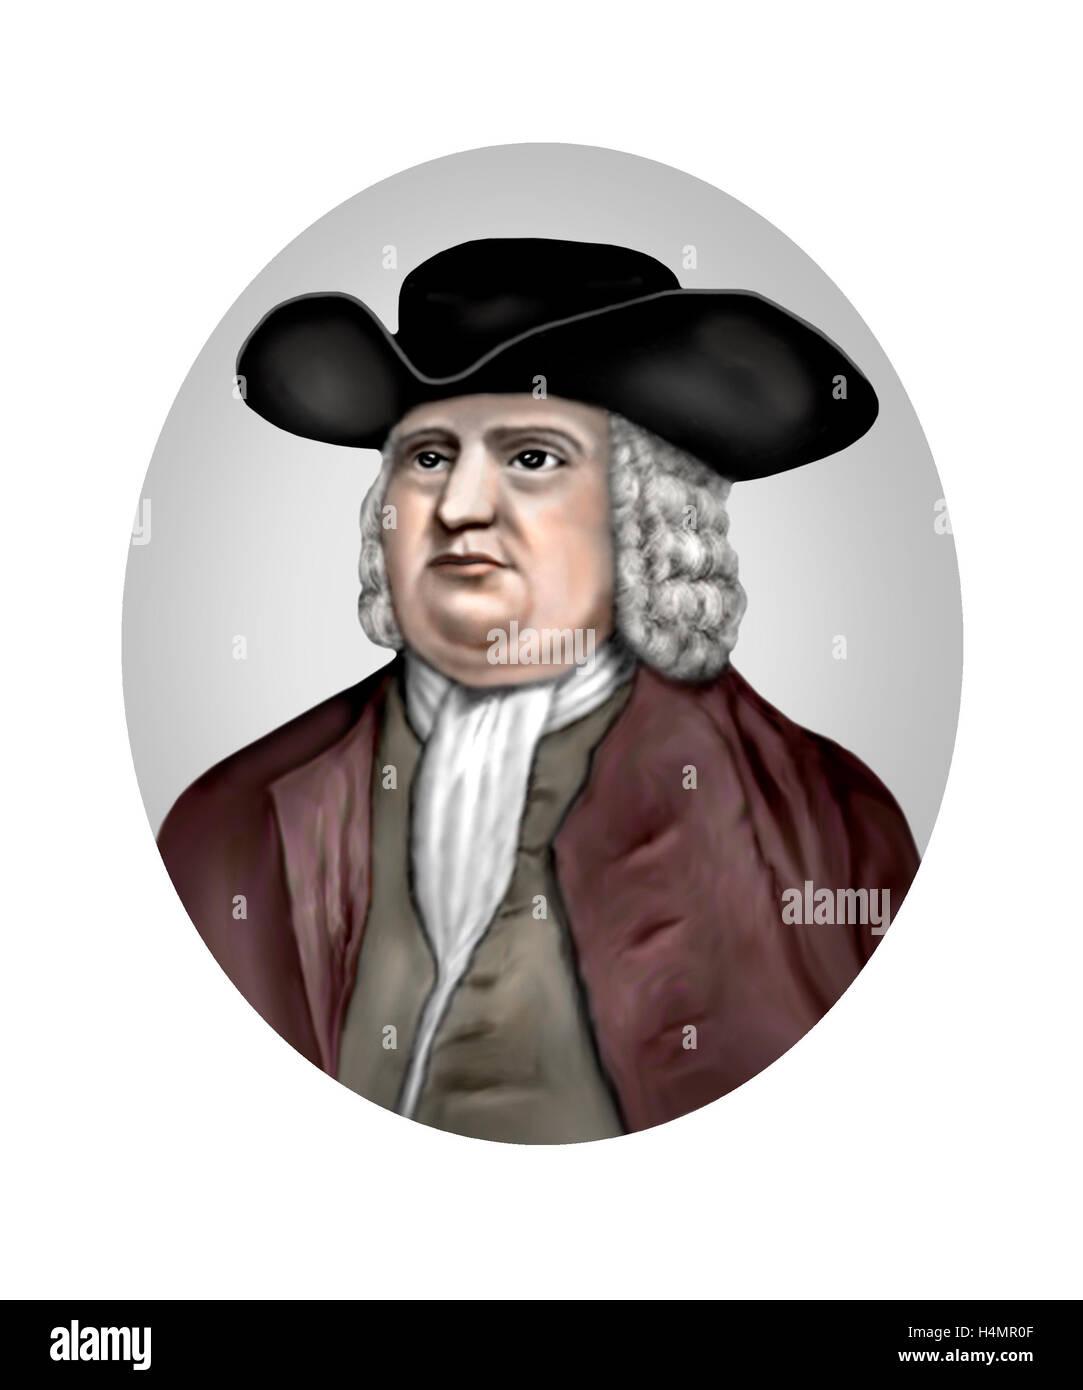 William Penn, 1644-1718, Quaker, Reformer - Stock Image